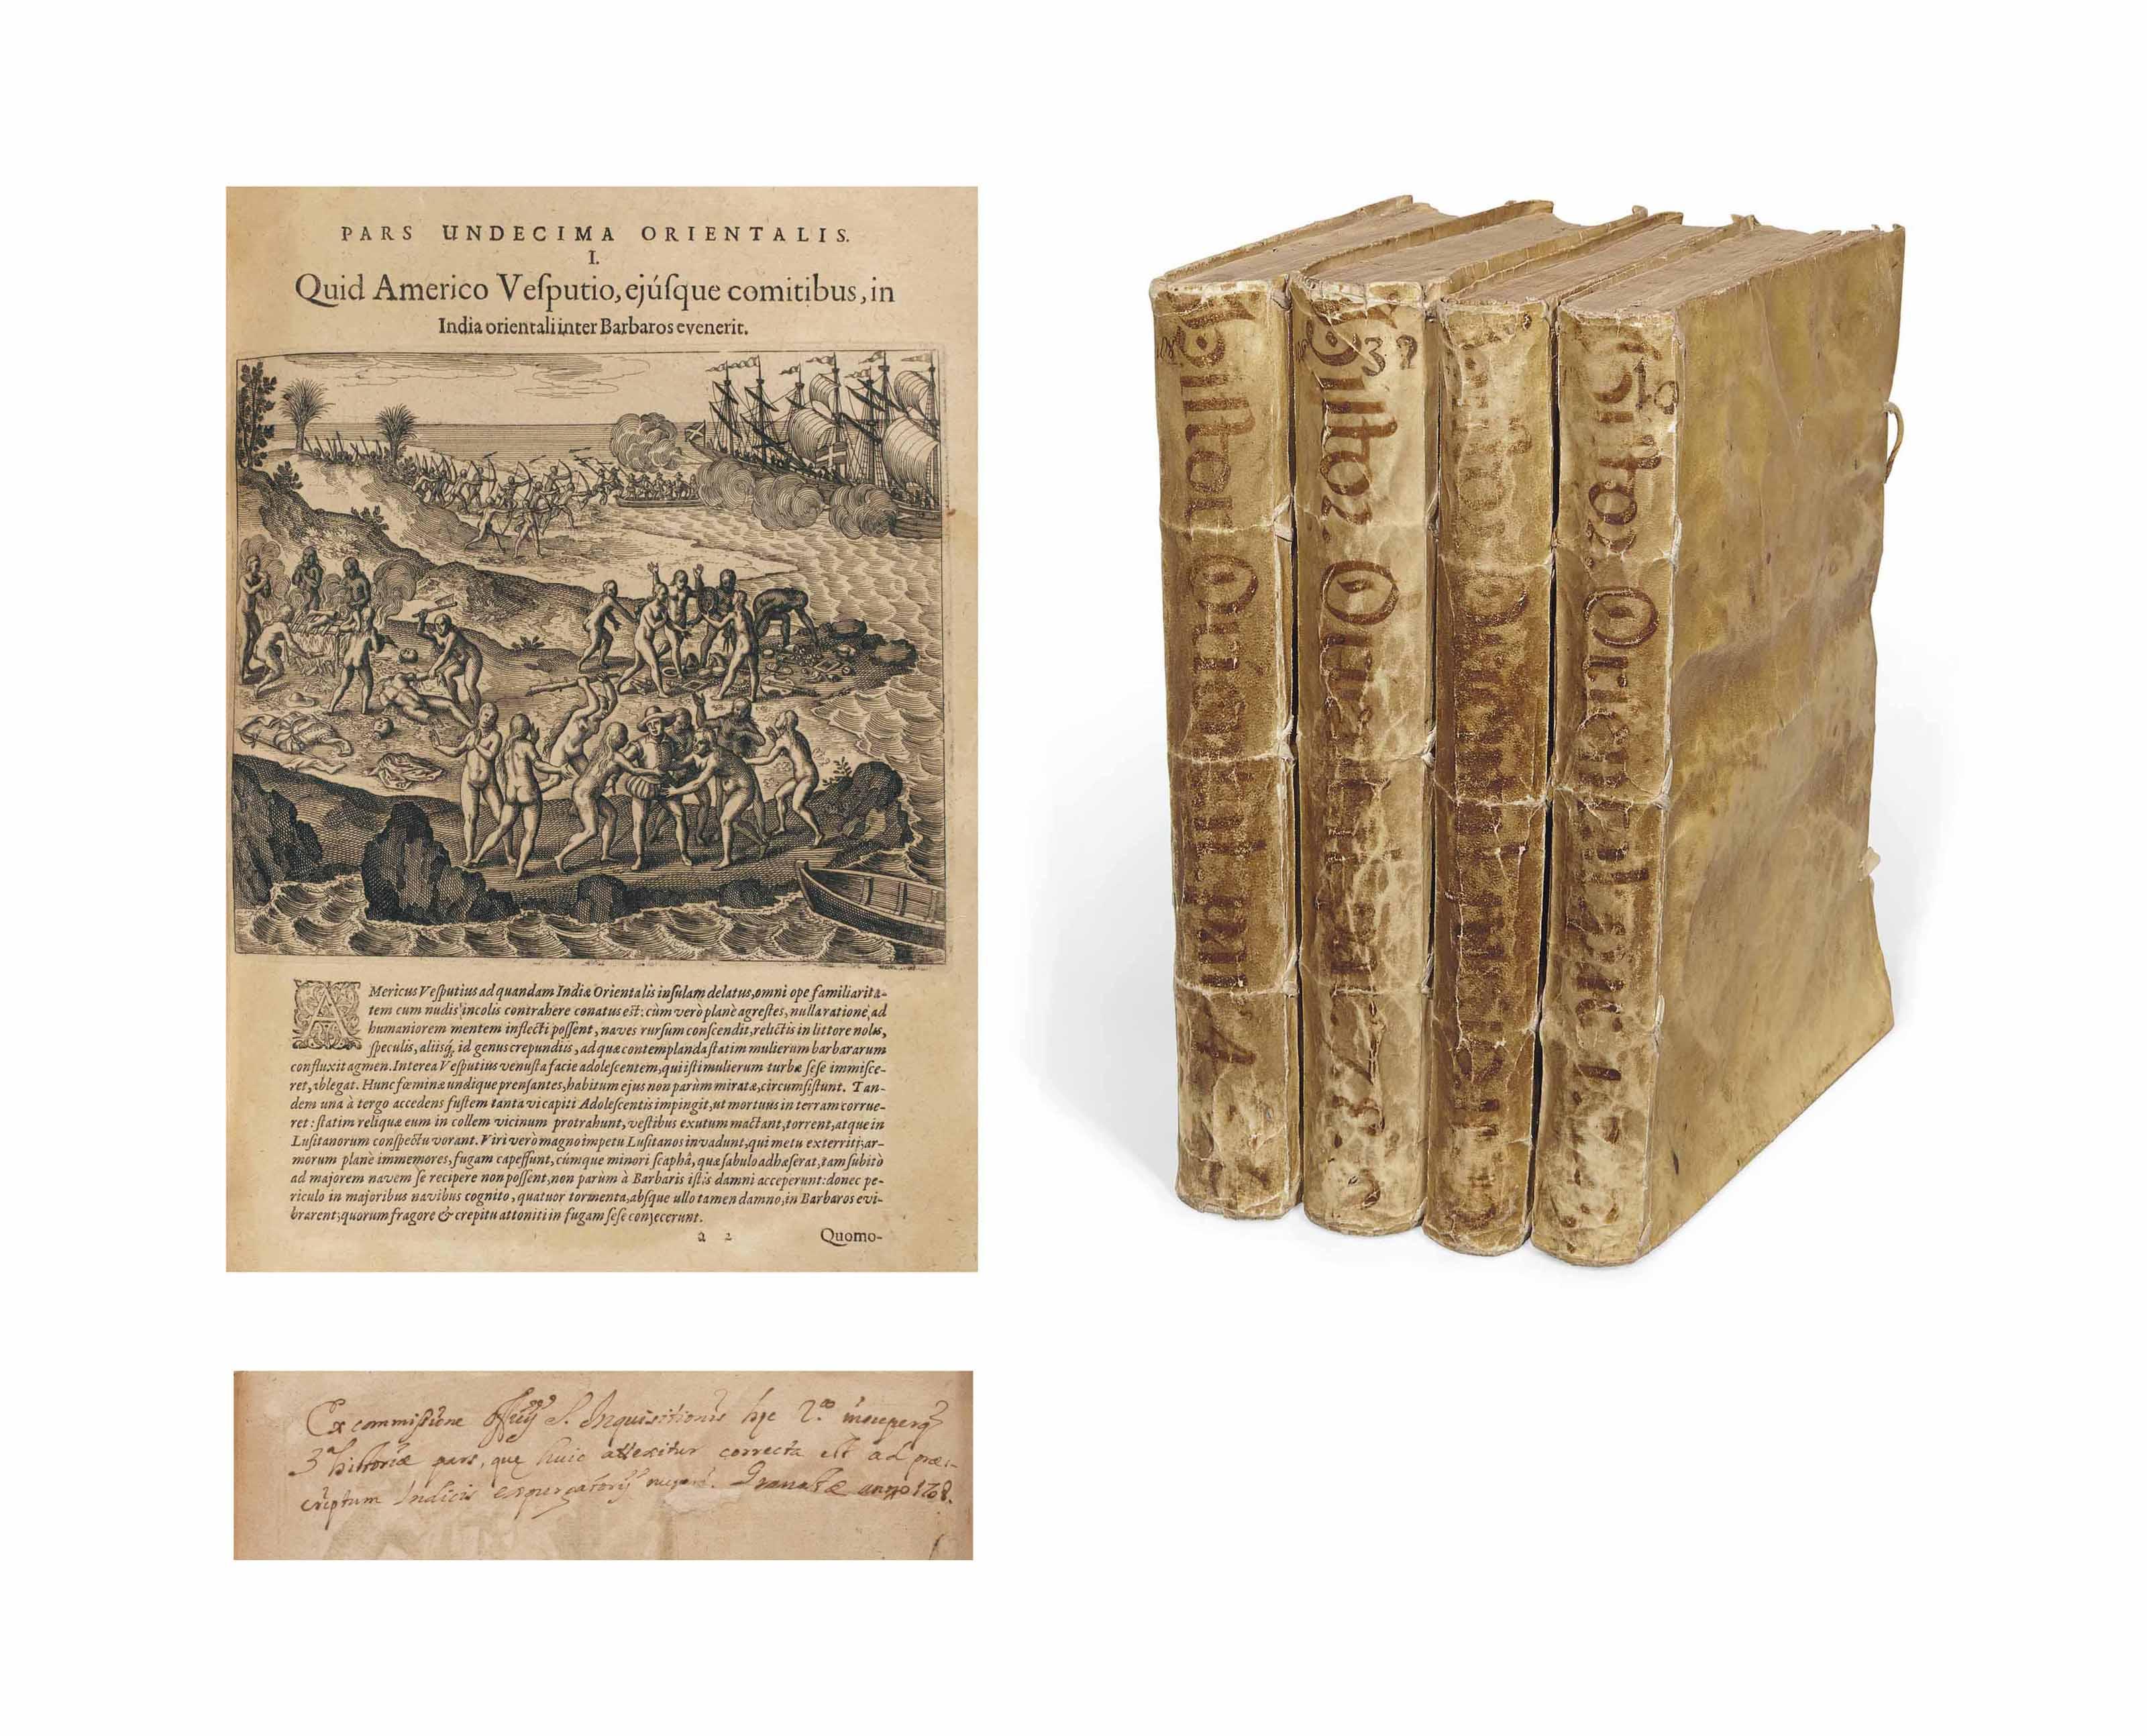 BRY, Théodore de. [Petits Voyages]. Francfort: 1601-1628. 12 livres reliés en 4 volumes in-folio (310 x 210 mm). ADMIRABLEMENT ILLUSTRÉS DE 252 FIGURES, 3 VUES, 17 CARTES, 10 FRONTISPICES ET 3 PLANCHES D'ARMOIRIES, le tout gravé sur cuivre. On trouve en outre, reliées in-fine, 5 cartes et vues gravées (dont une mappemonde et une vue de Jérusalem) provenant du Liber secretorum fidelium crucis de Sanufo publié en 1611. Reliure espagnole de la fin du XVIIe siècle, vélin ivoire souple à lacets, titre manuscrit à l'encre au dos.